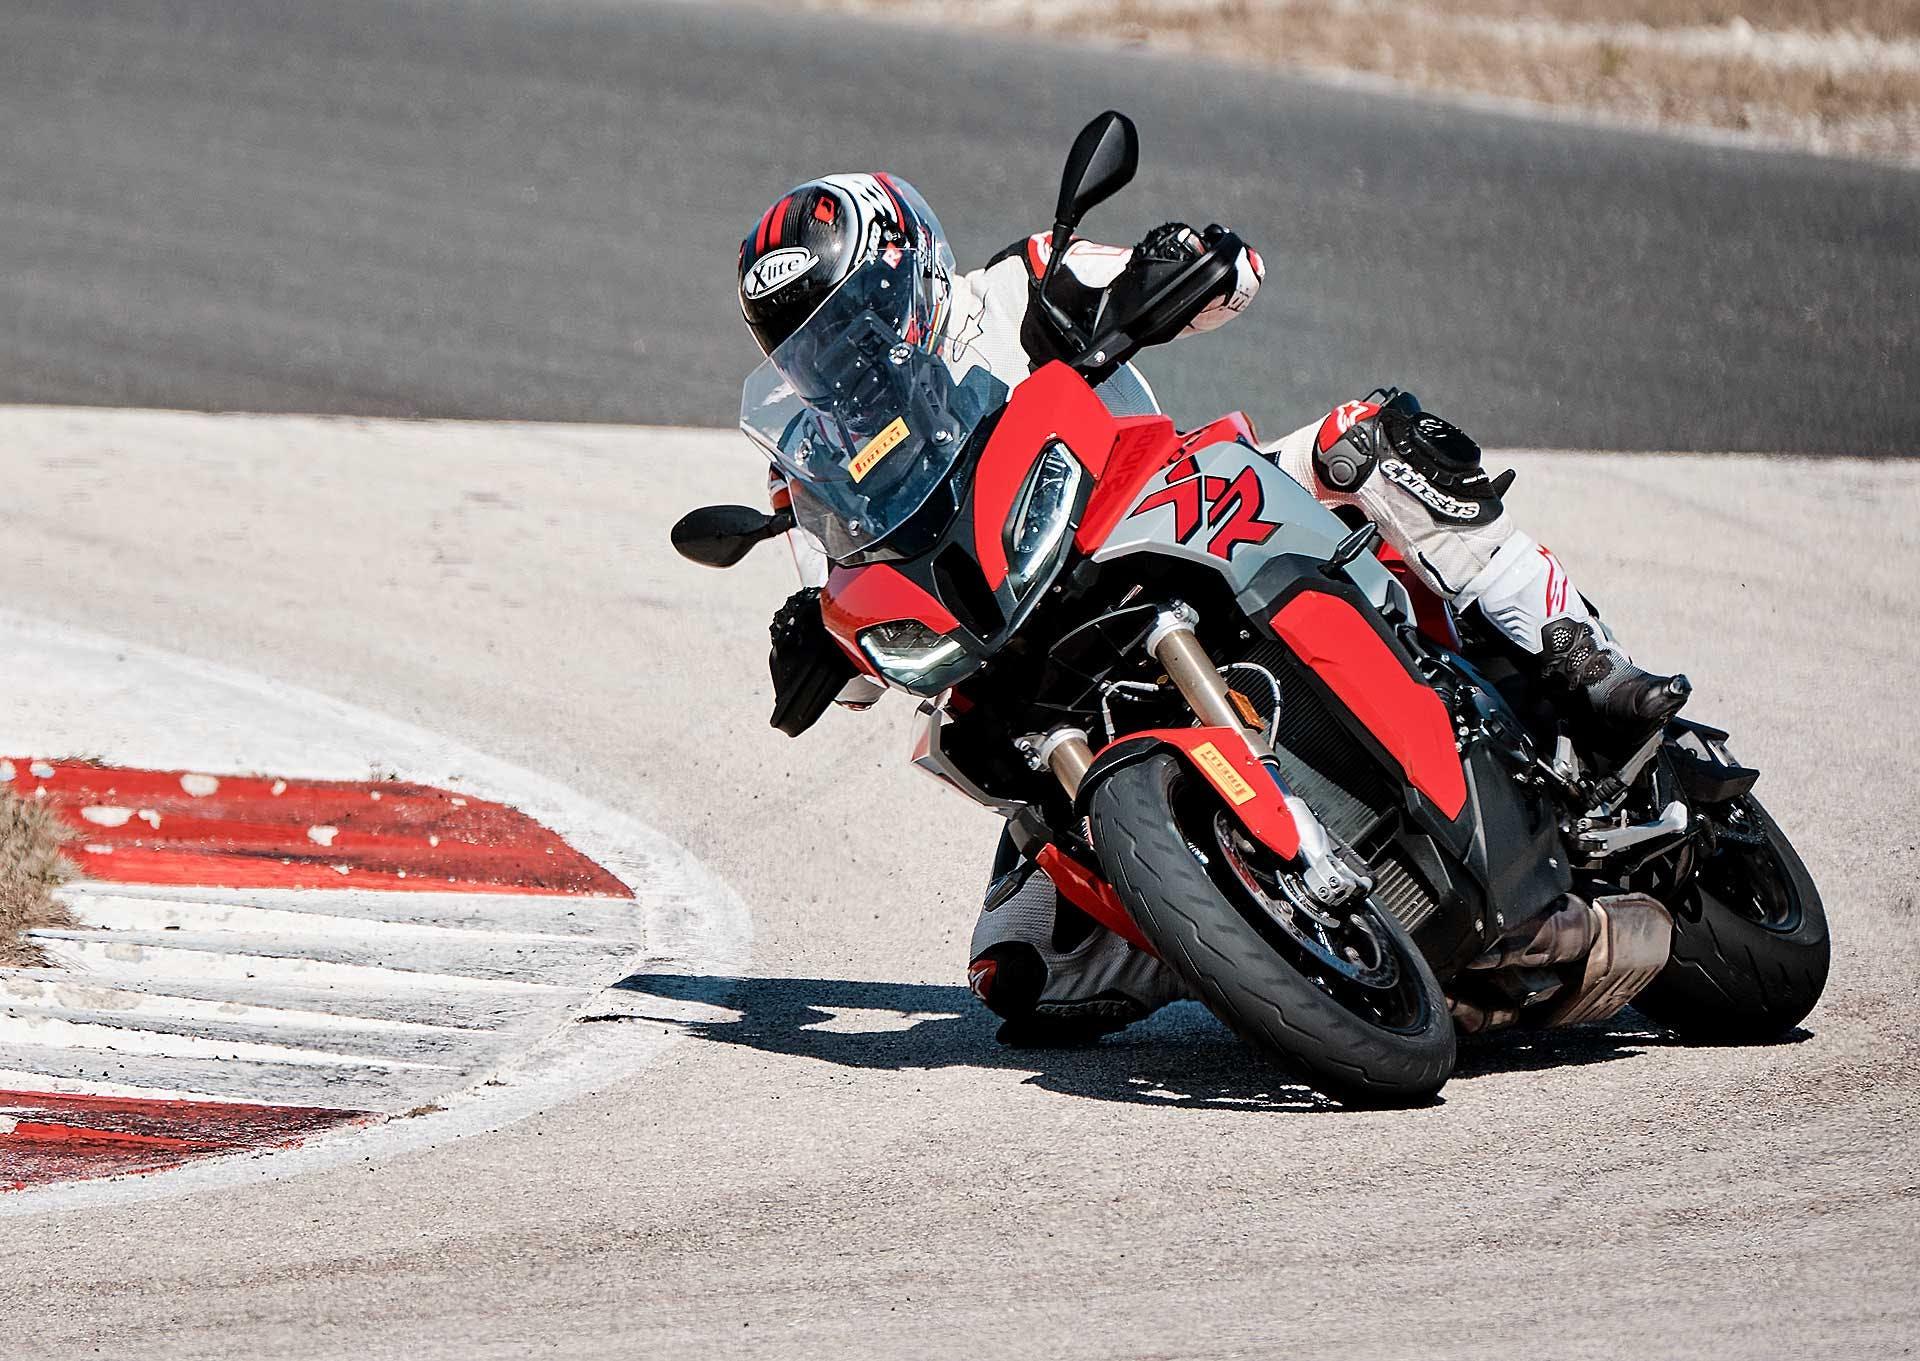 Pirelli Diablo Rosso IV In azione in pista con BMW S 1000 XR